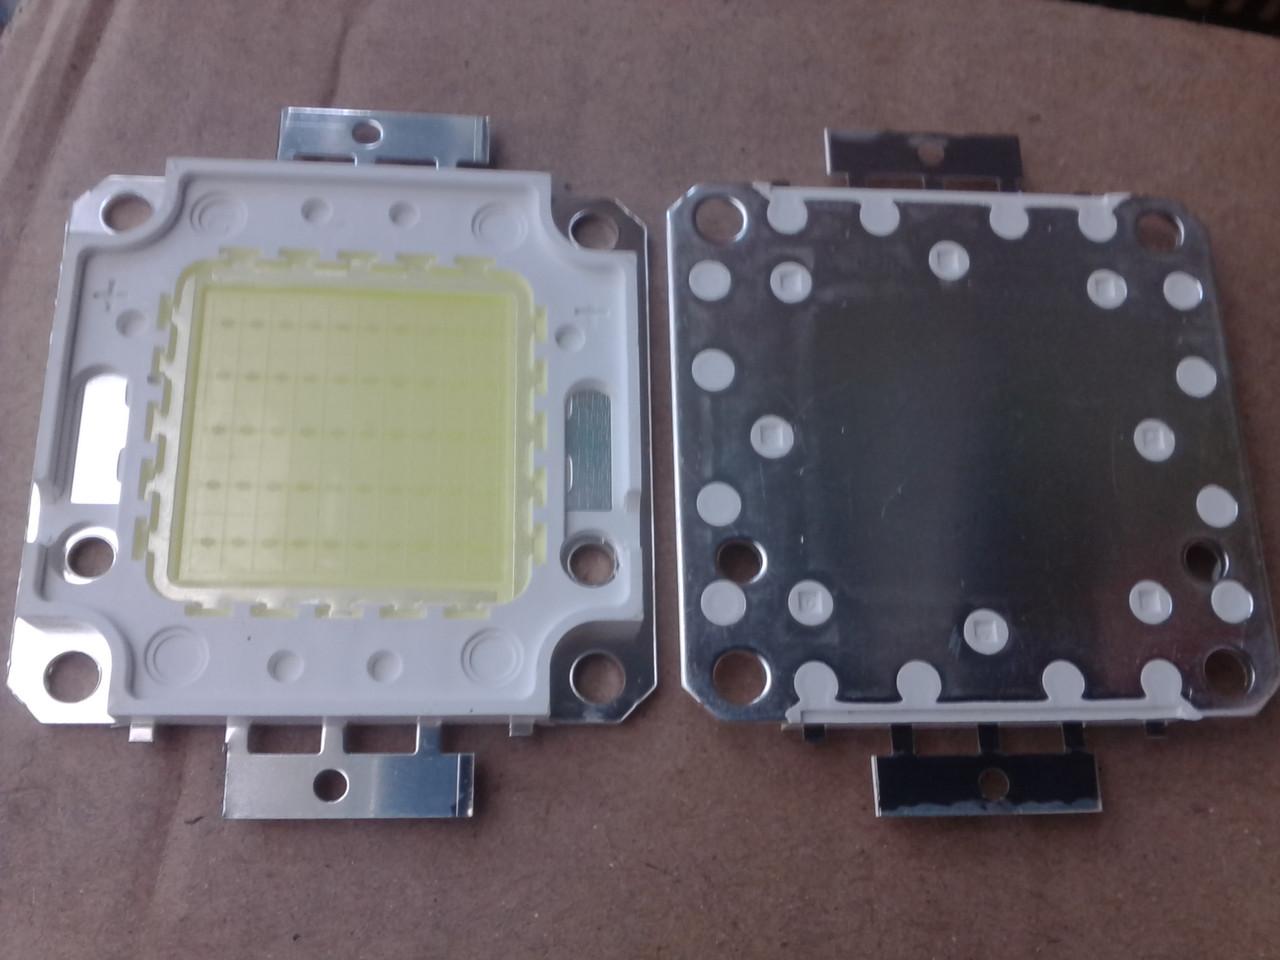 Светодиод 50 ватт под драйвер медь матрица 50w для прожектора 50w 30-36v